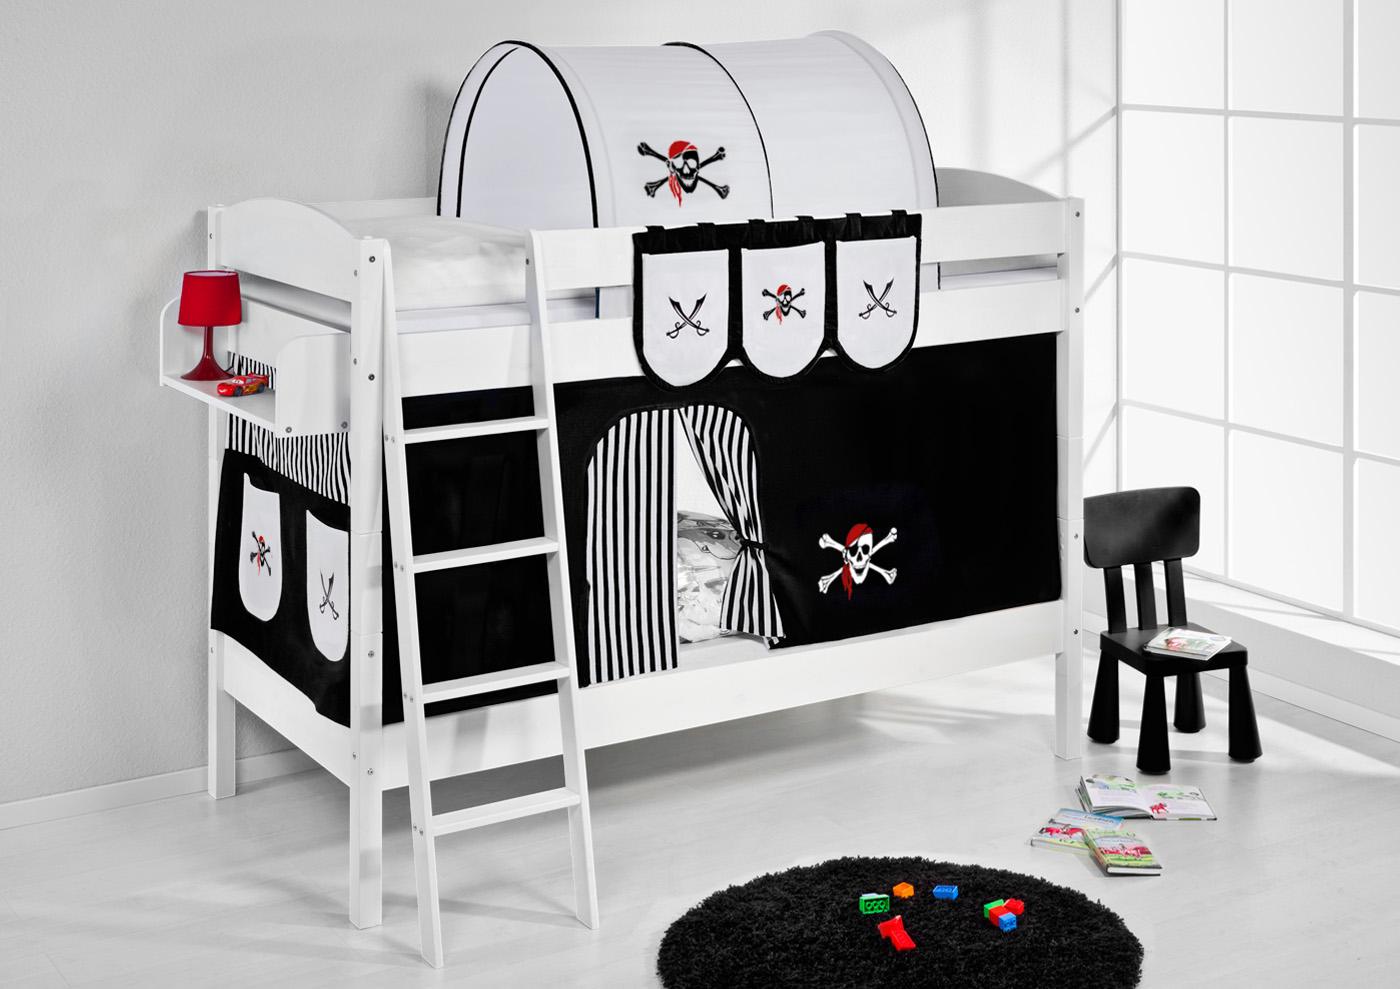 gardinen deko hochbett vorh nge feuerwehr gardinen dekoration verbessern ihr zimmer shade. Black Bedroom Furniture Sets. Home Design Ideas